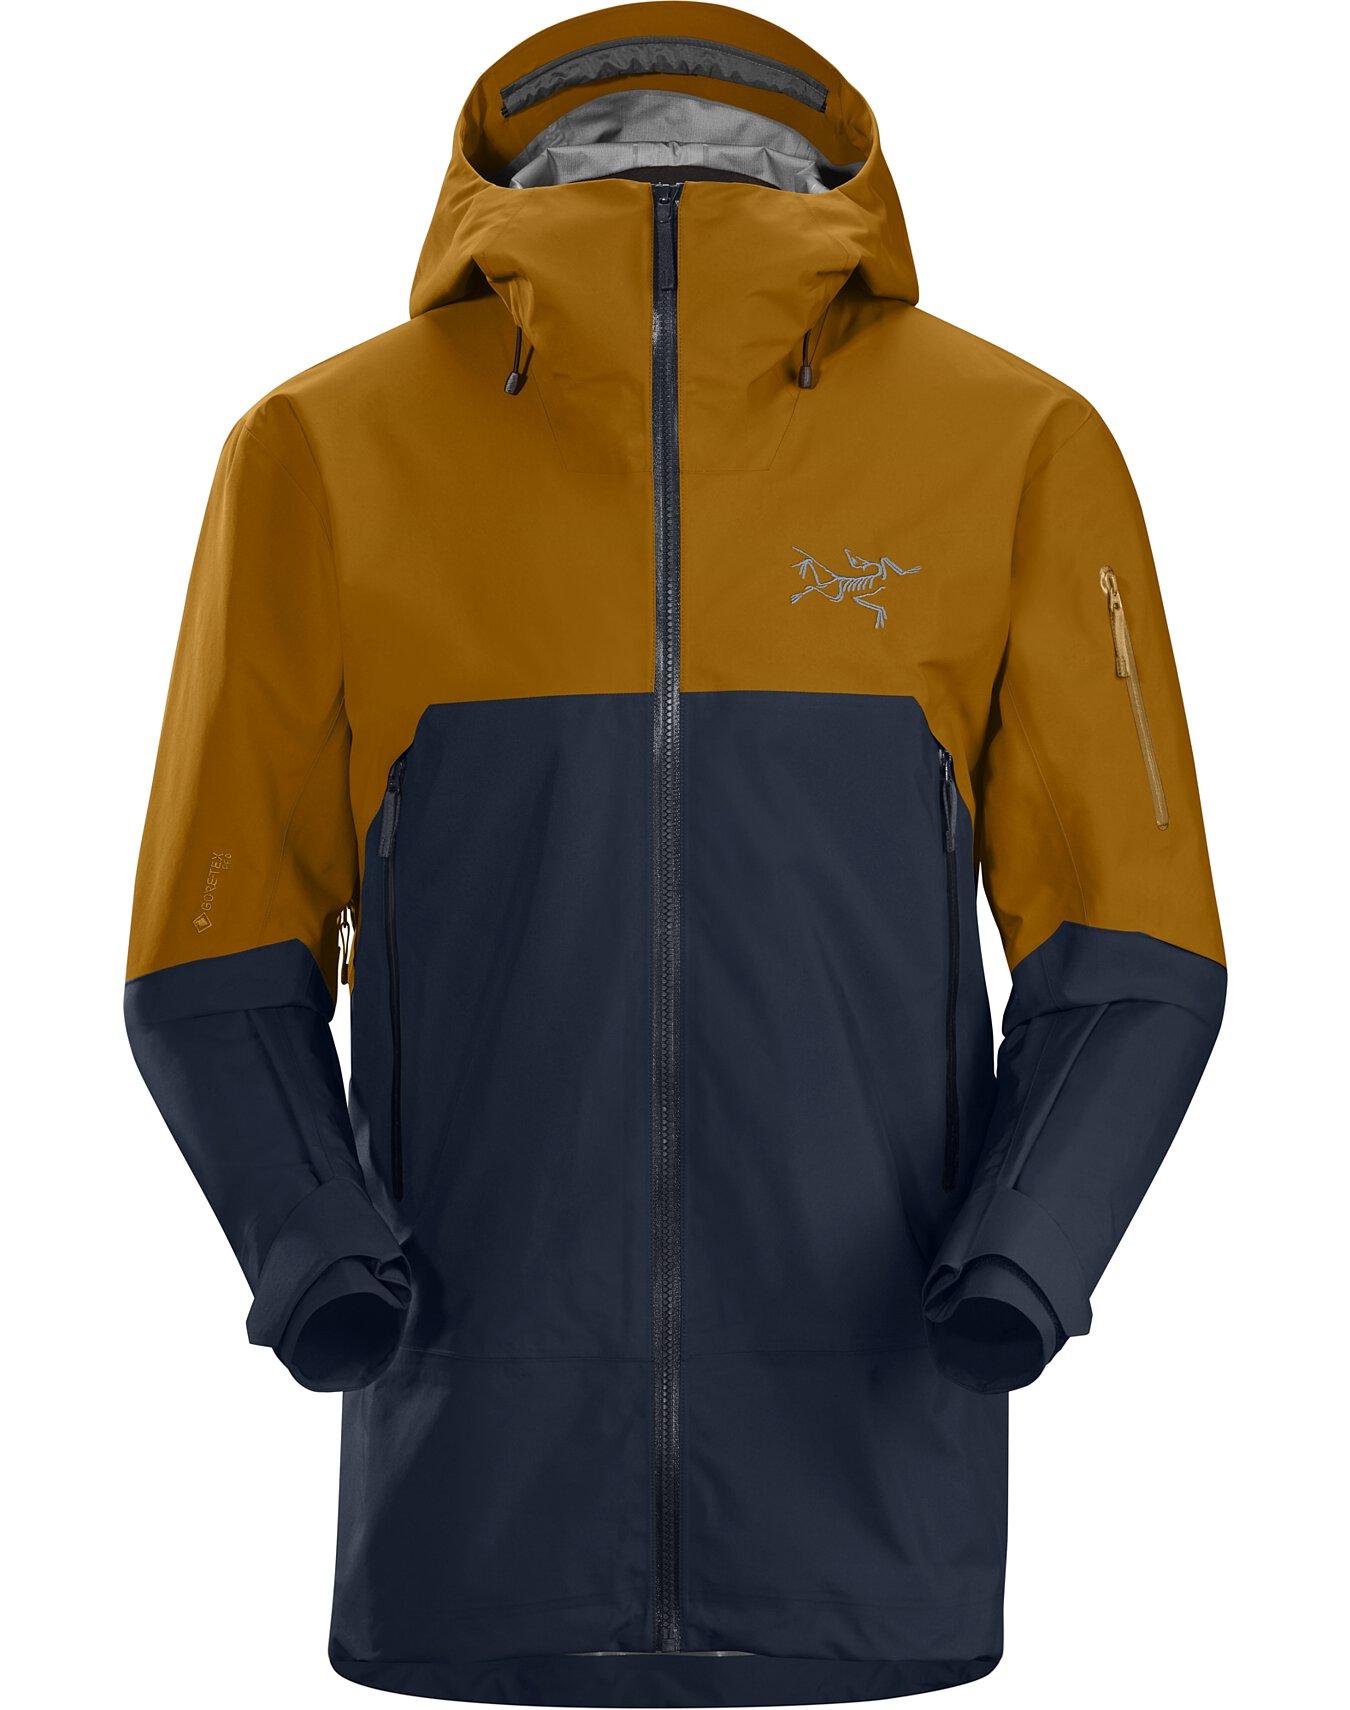 Rush Jacket ReBird Men's